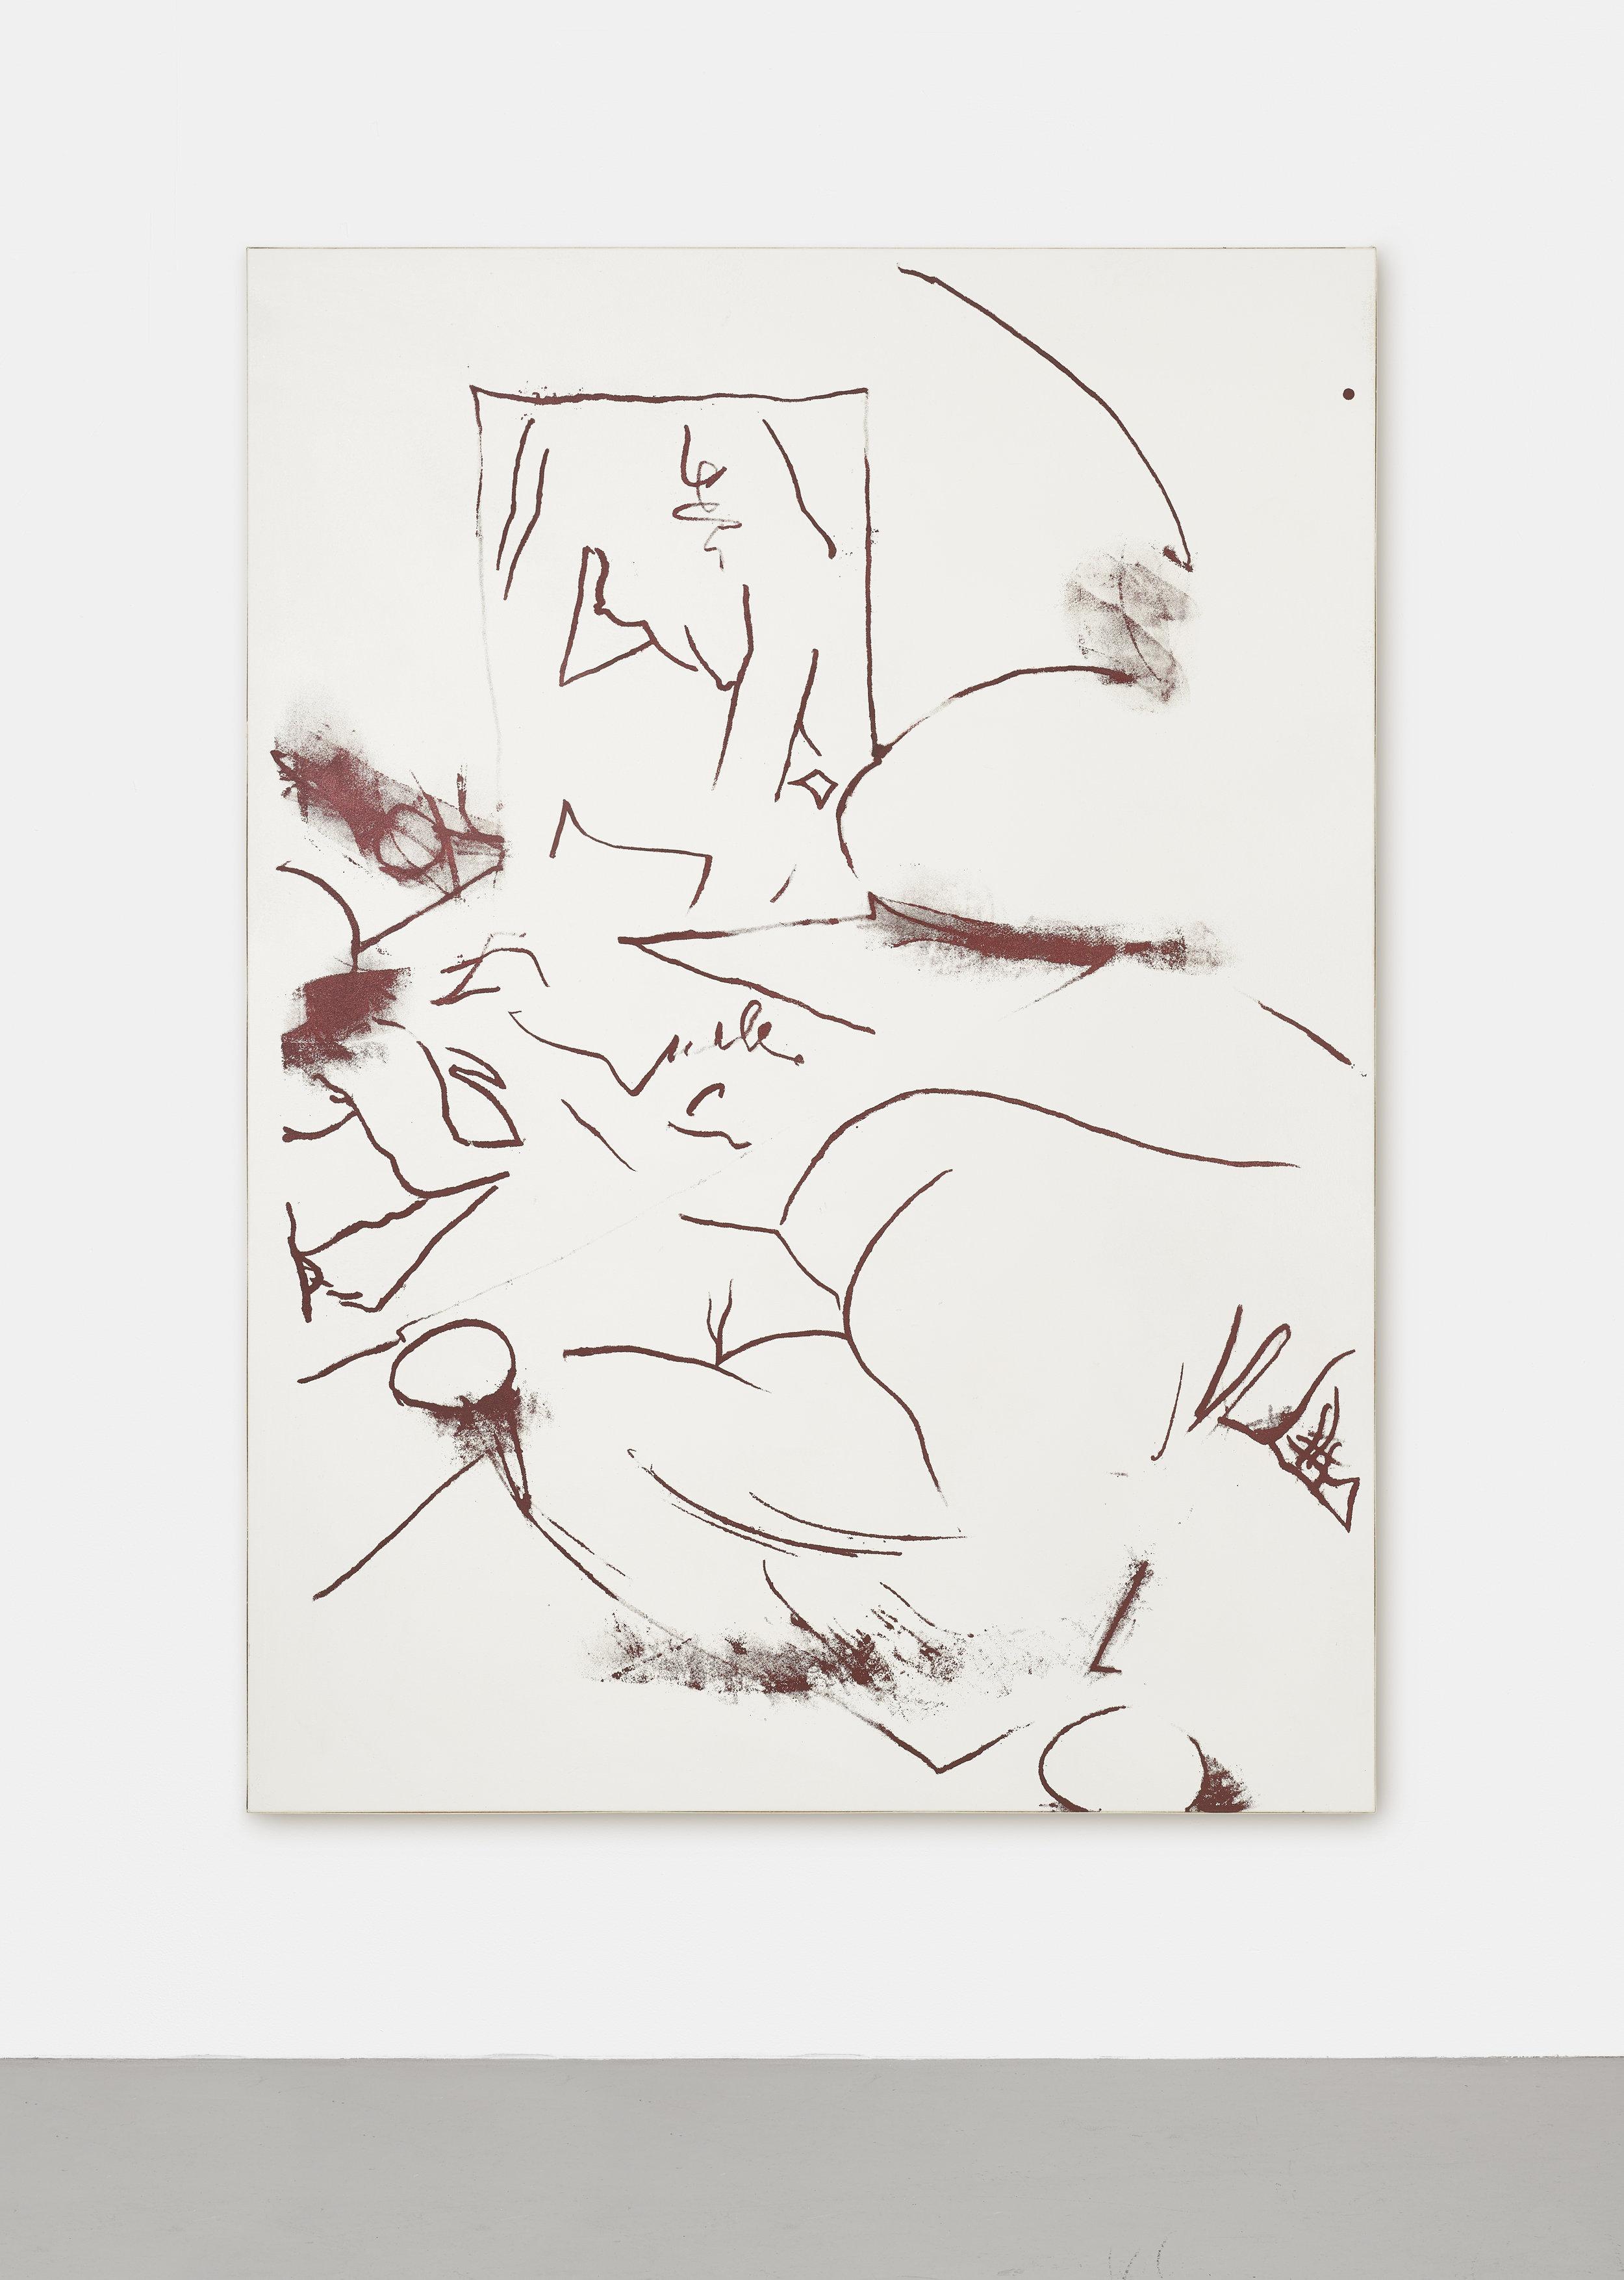 24 H IS ROUND | 2017 - 2019 | Gouache Siebdruck, Acryl, Dammafirniss auf Leinwand | 180 x 130 cm | ©GALERIE ALBER